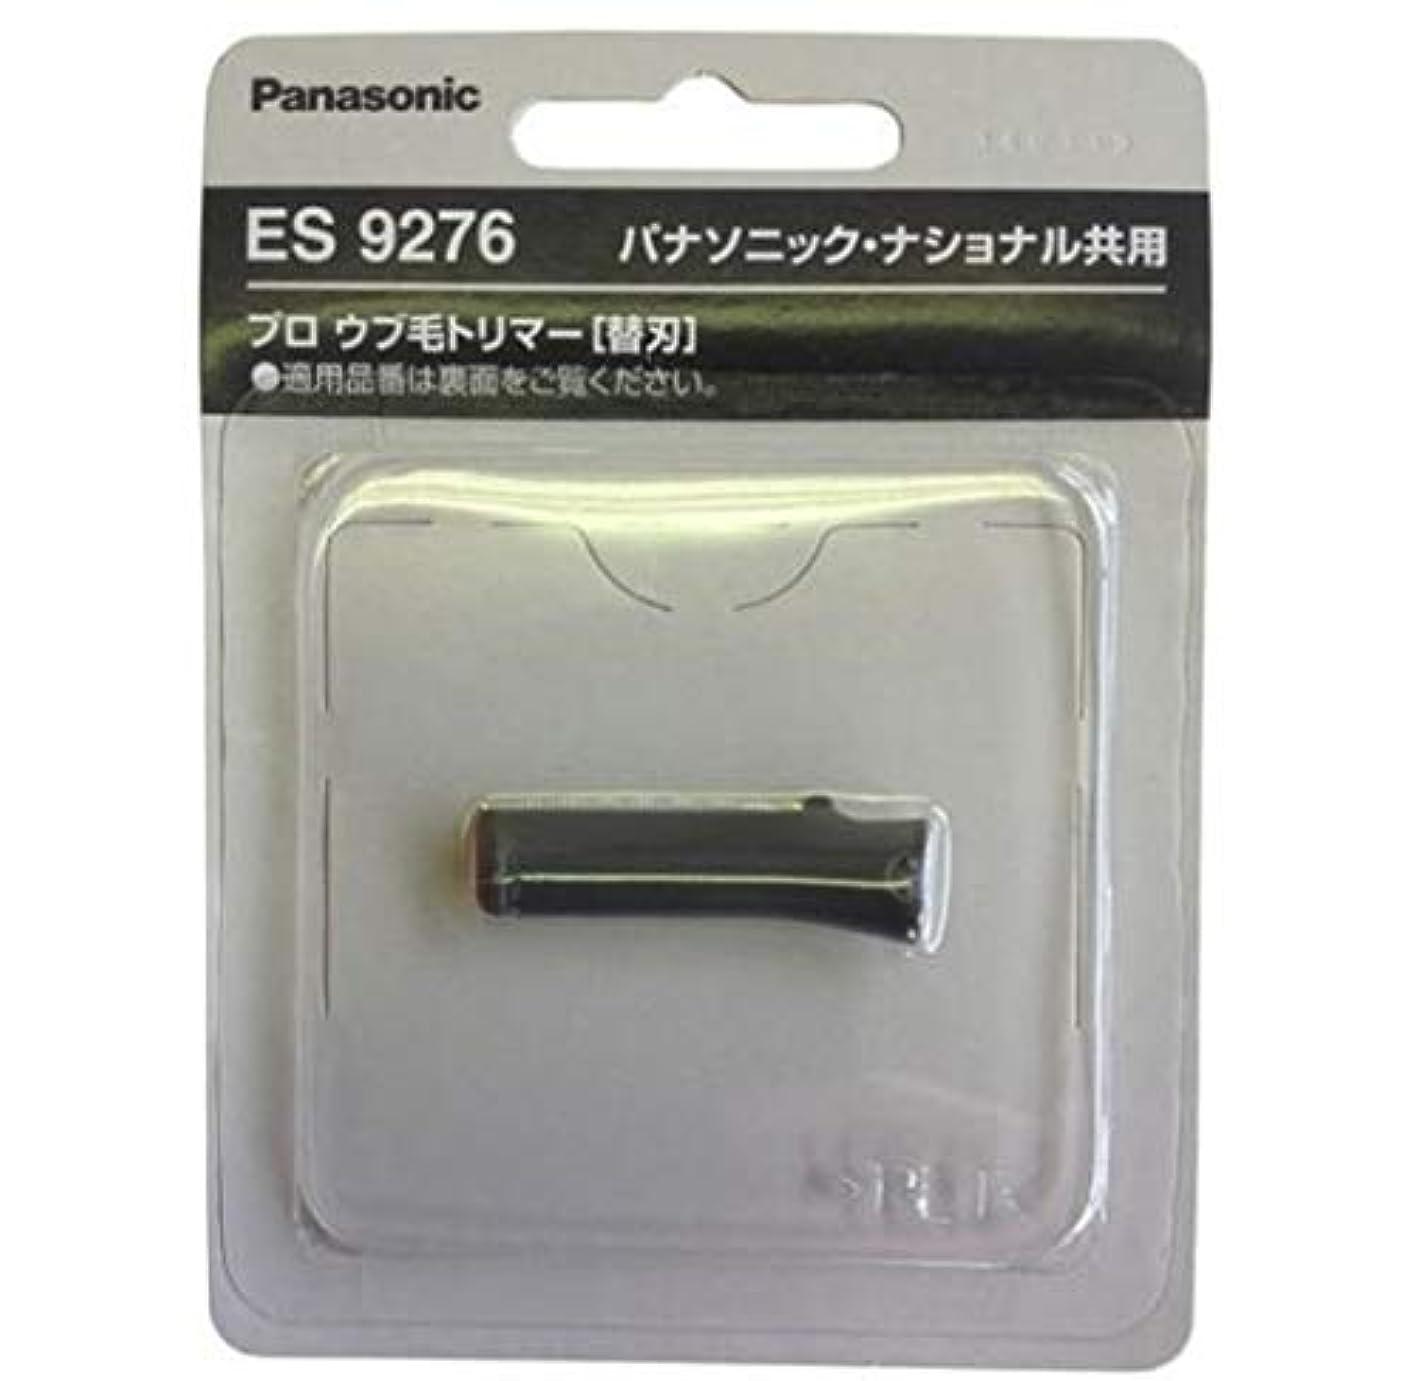 受粉する不毛のボランティアパナソニック プロうぶ毛トリマーES2119P-S専用替刃